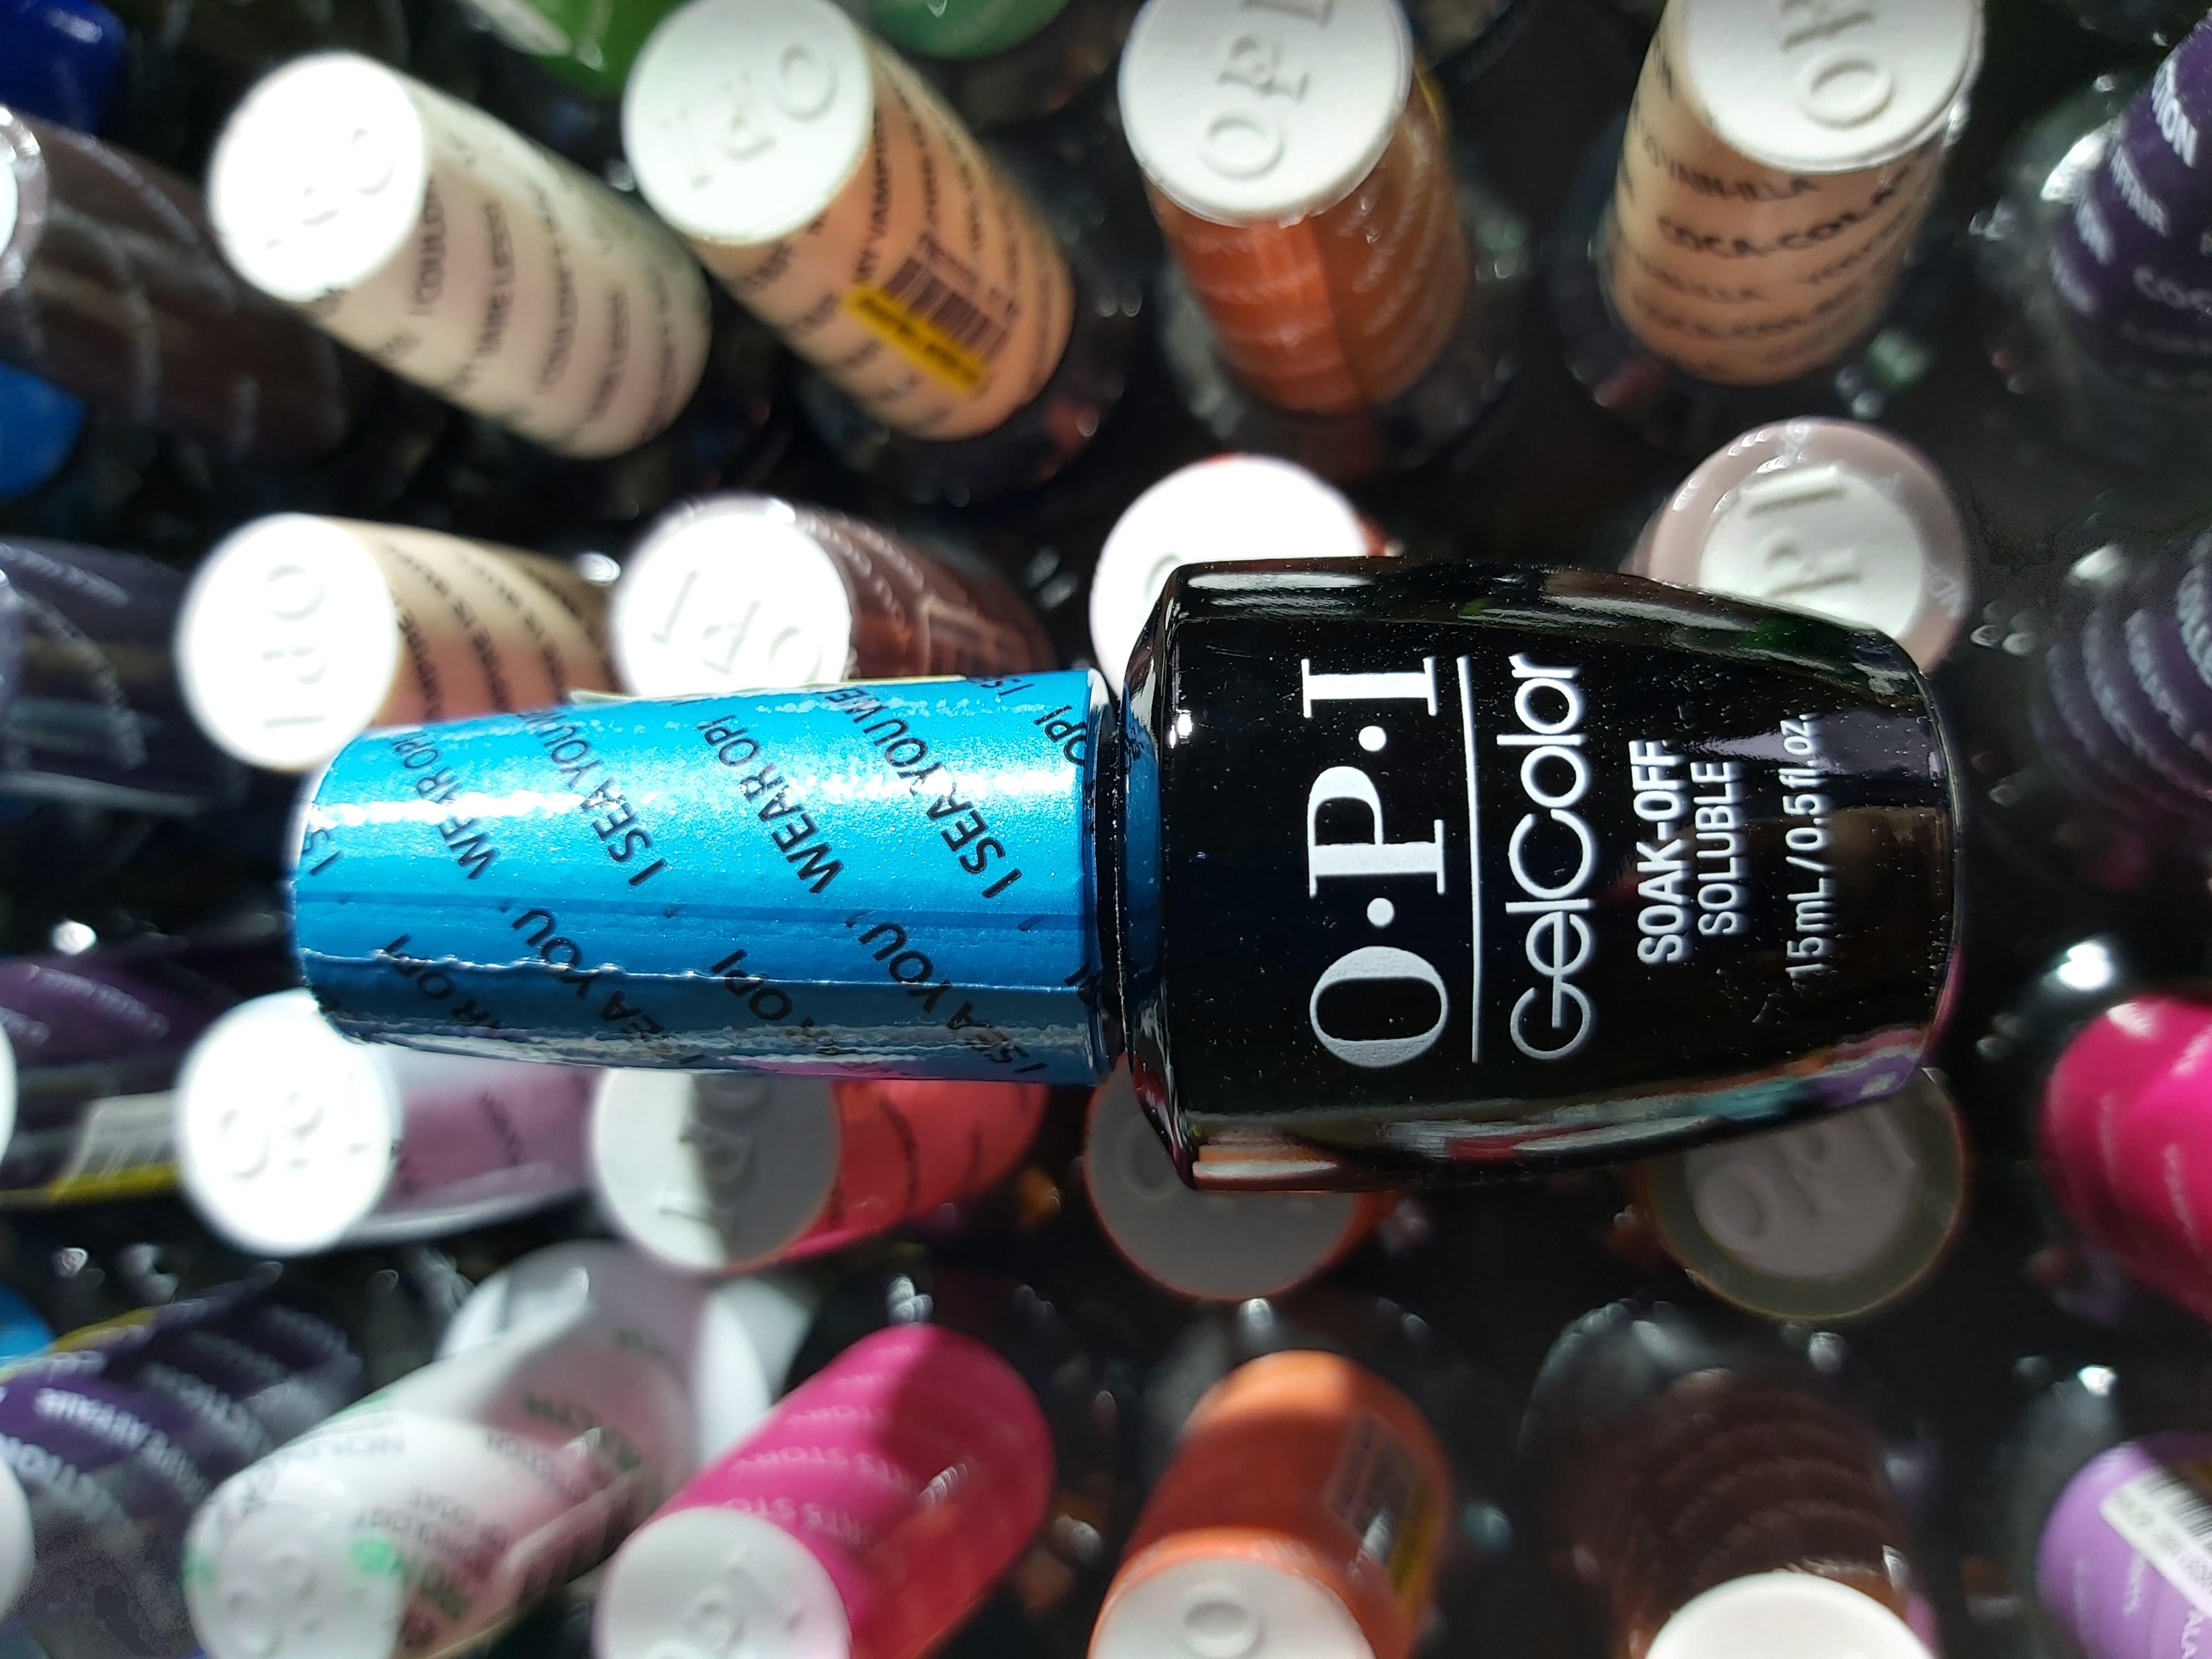 OPI Gel Color Soak-off Gel A73 I SEA YOU WEAR OPI Blau blue